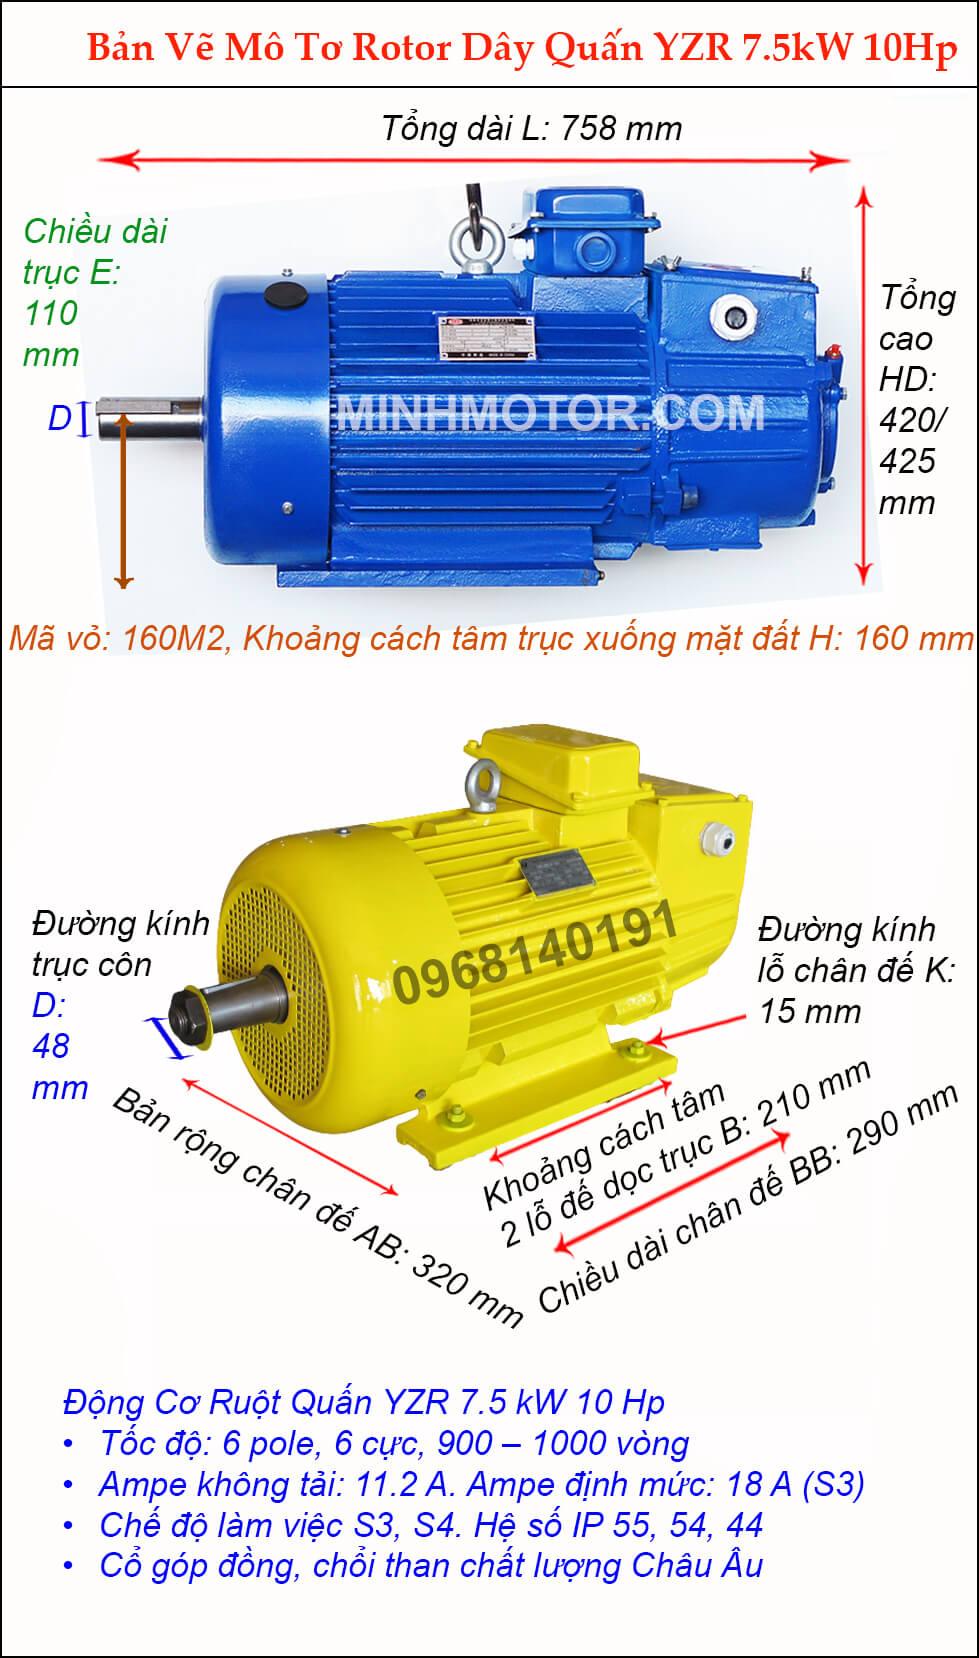 Motor ruột quấn 7.5 kw 10 HP 6 cực điện